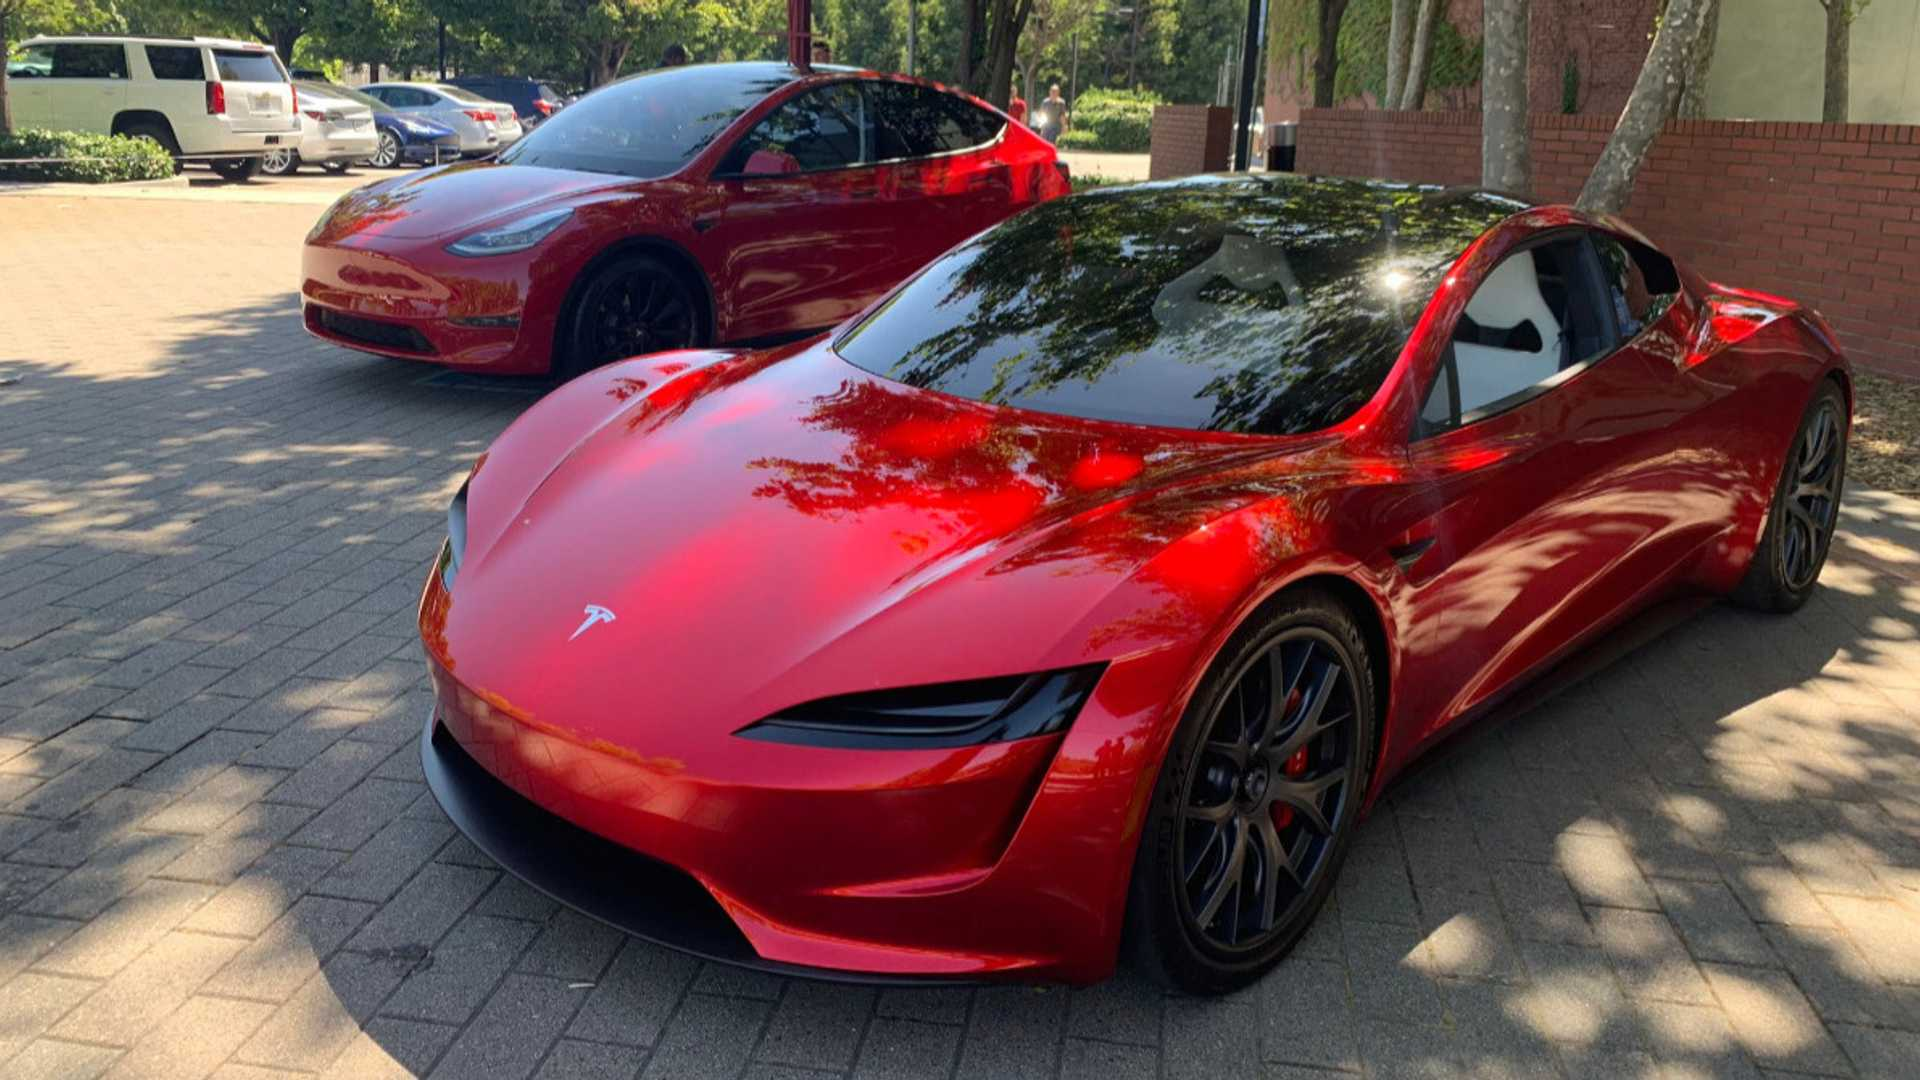 Tesla Model Y, 3 Won't Go Plaid: Model S, X, Roadster Will - Tesla Truck?